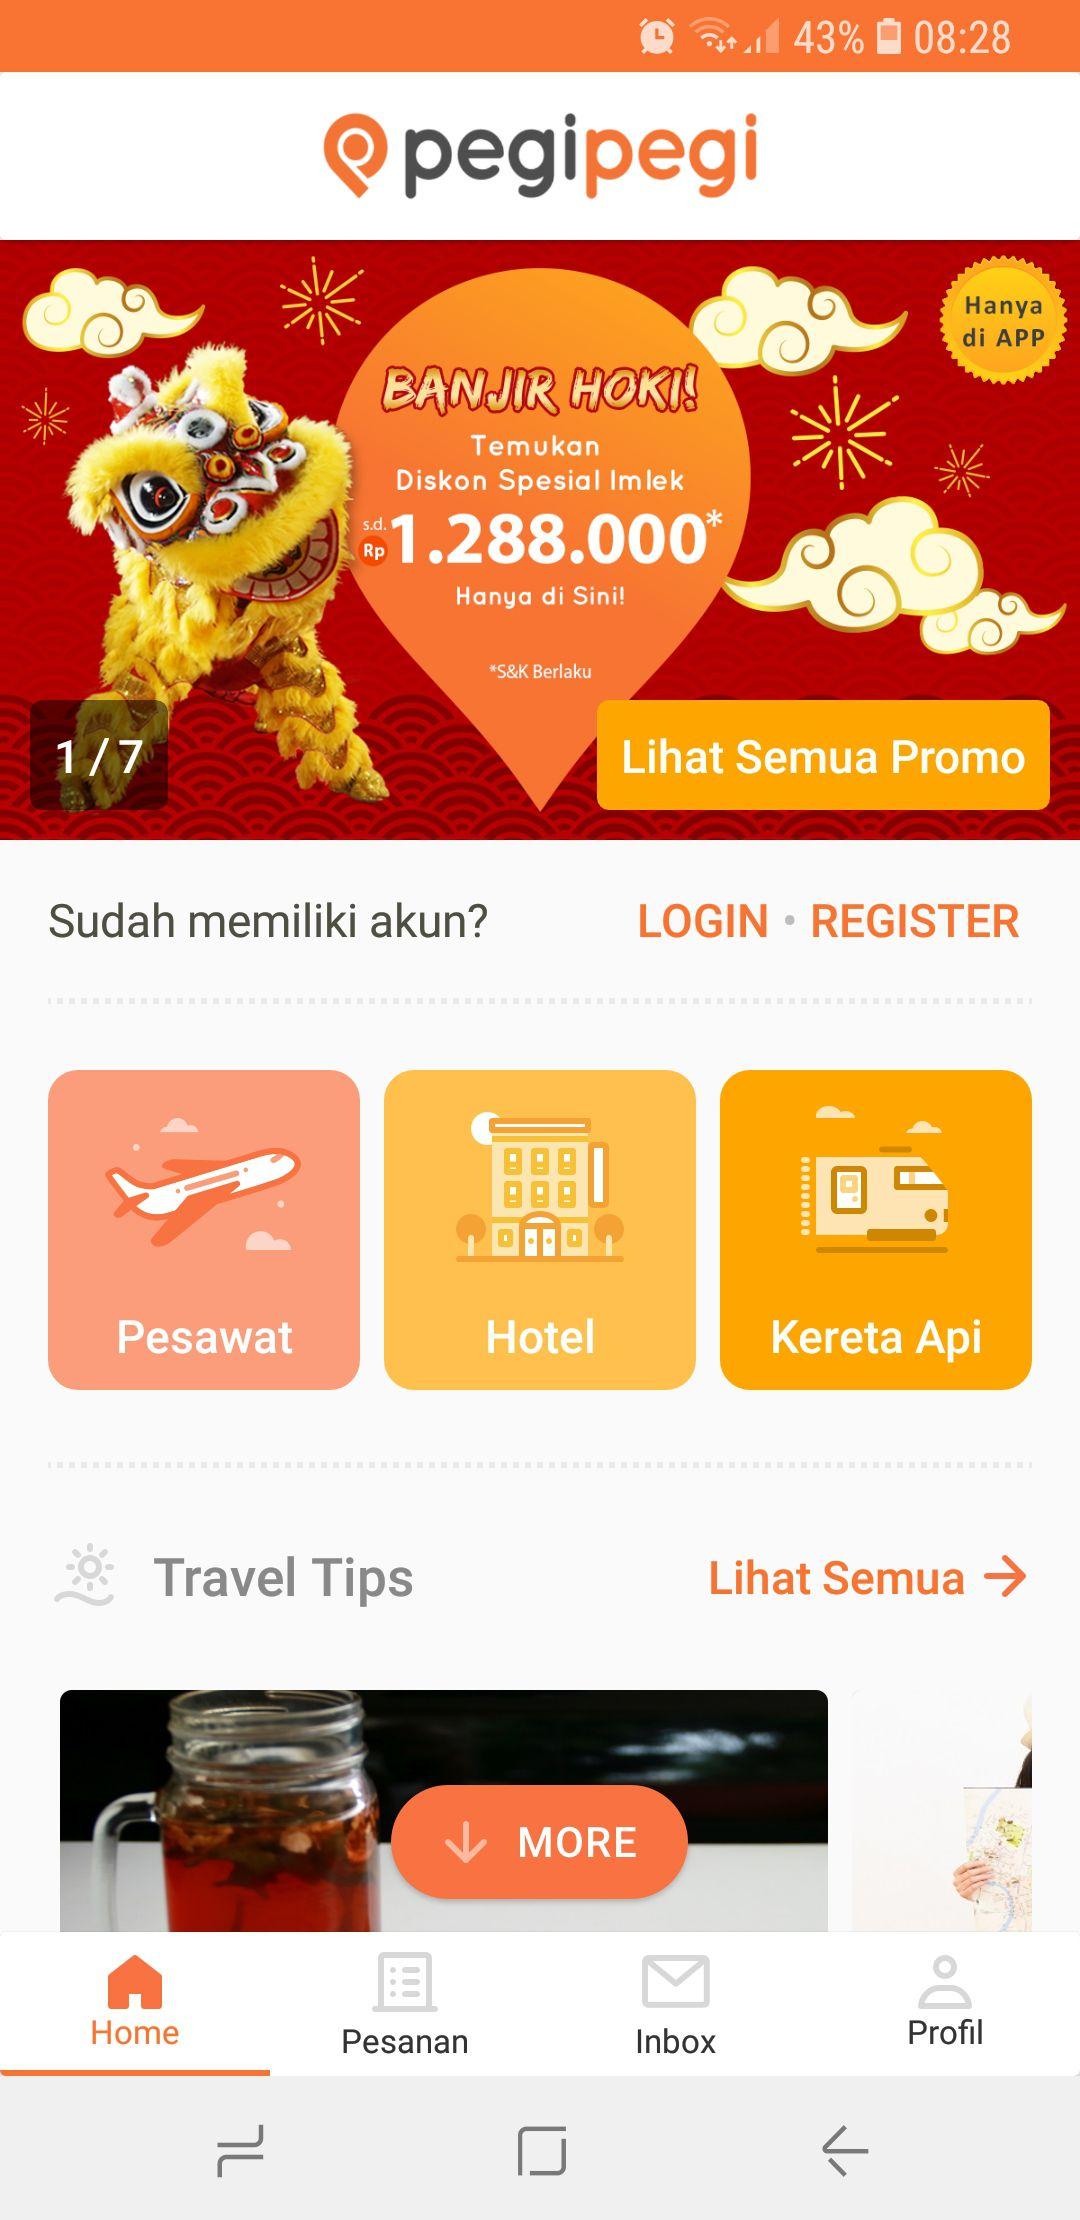 1 - Pasang dan jalankan aplikasi Pegipegi di ponsel Android atau iOS-mu